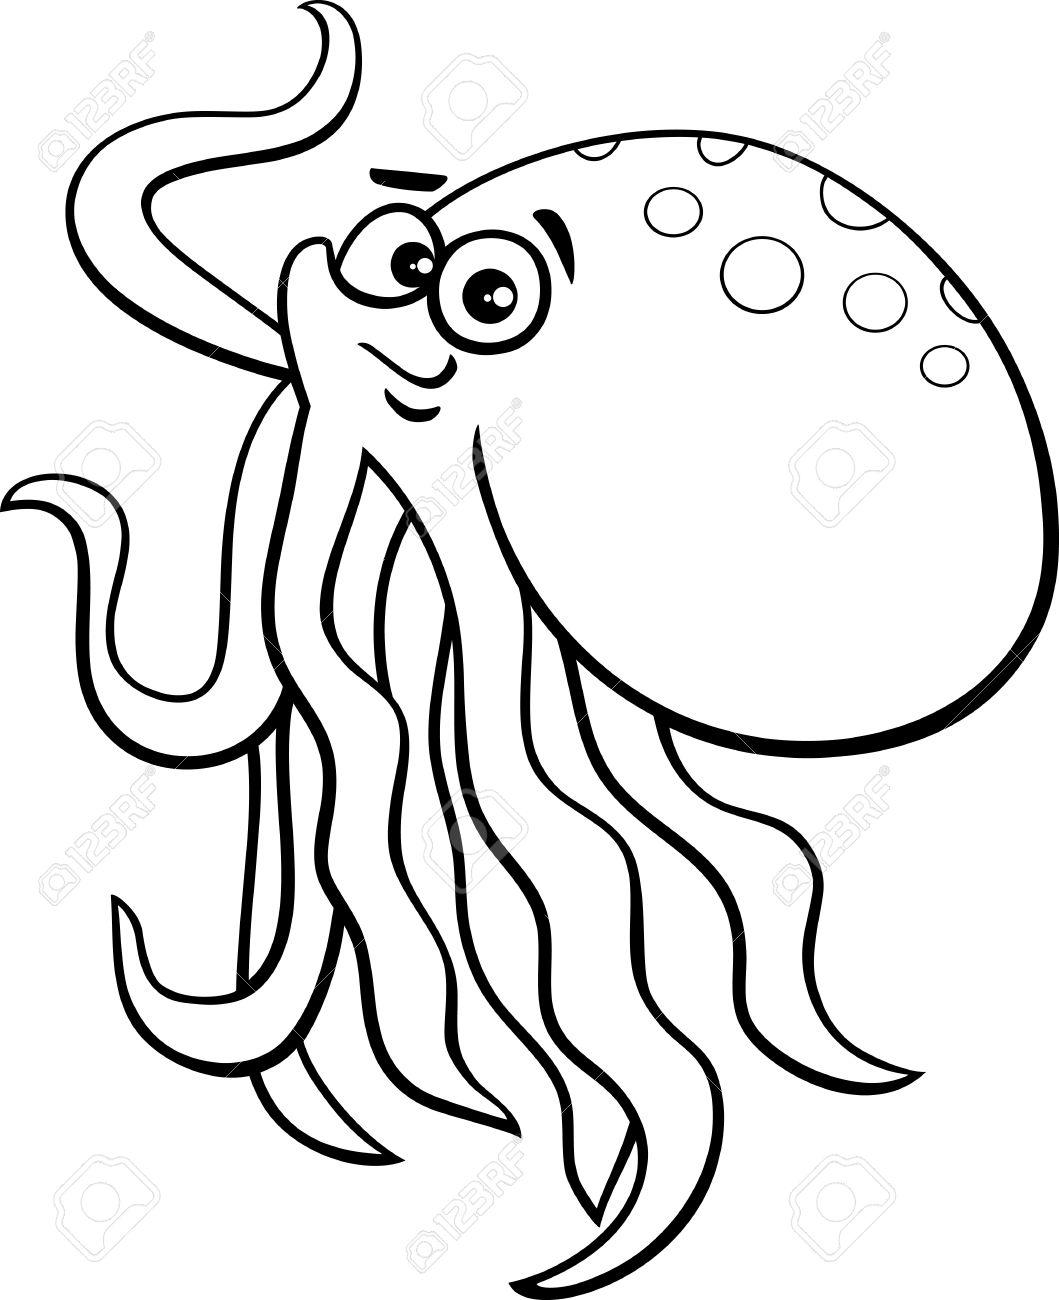 Animados Blanco Y Negro Ilustración De Pulpo Lindo Del Animal De Mar